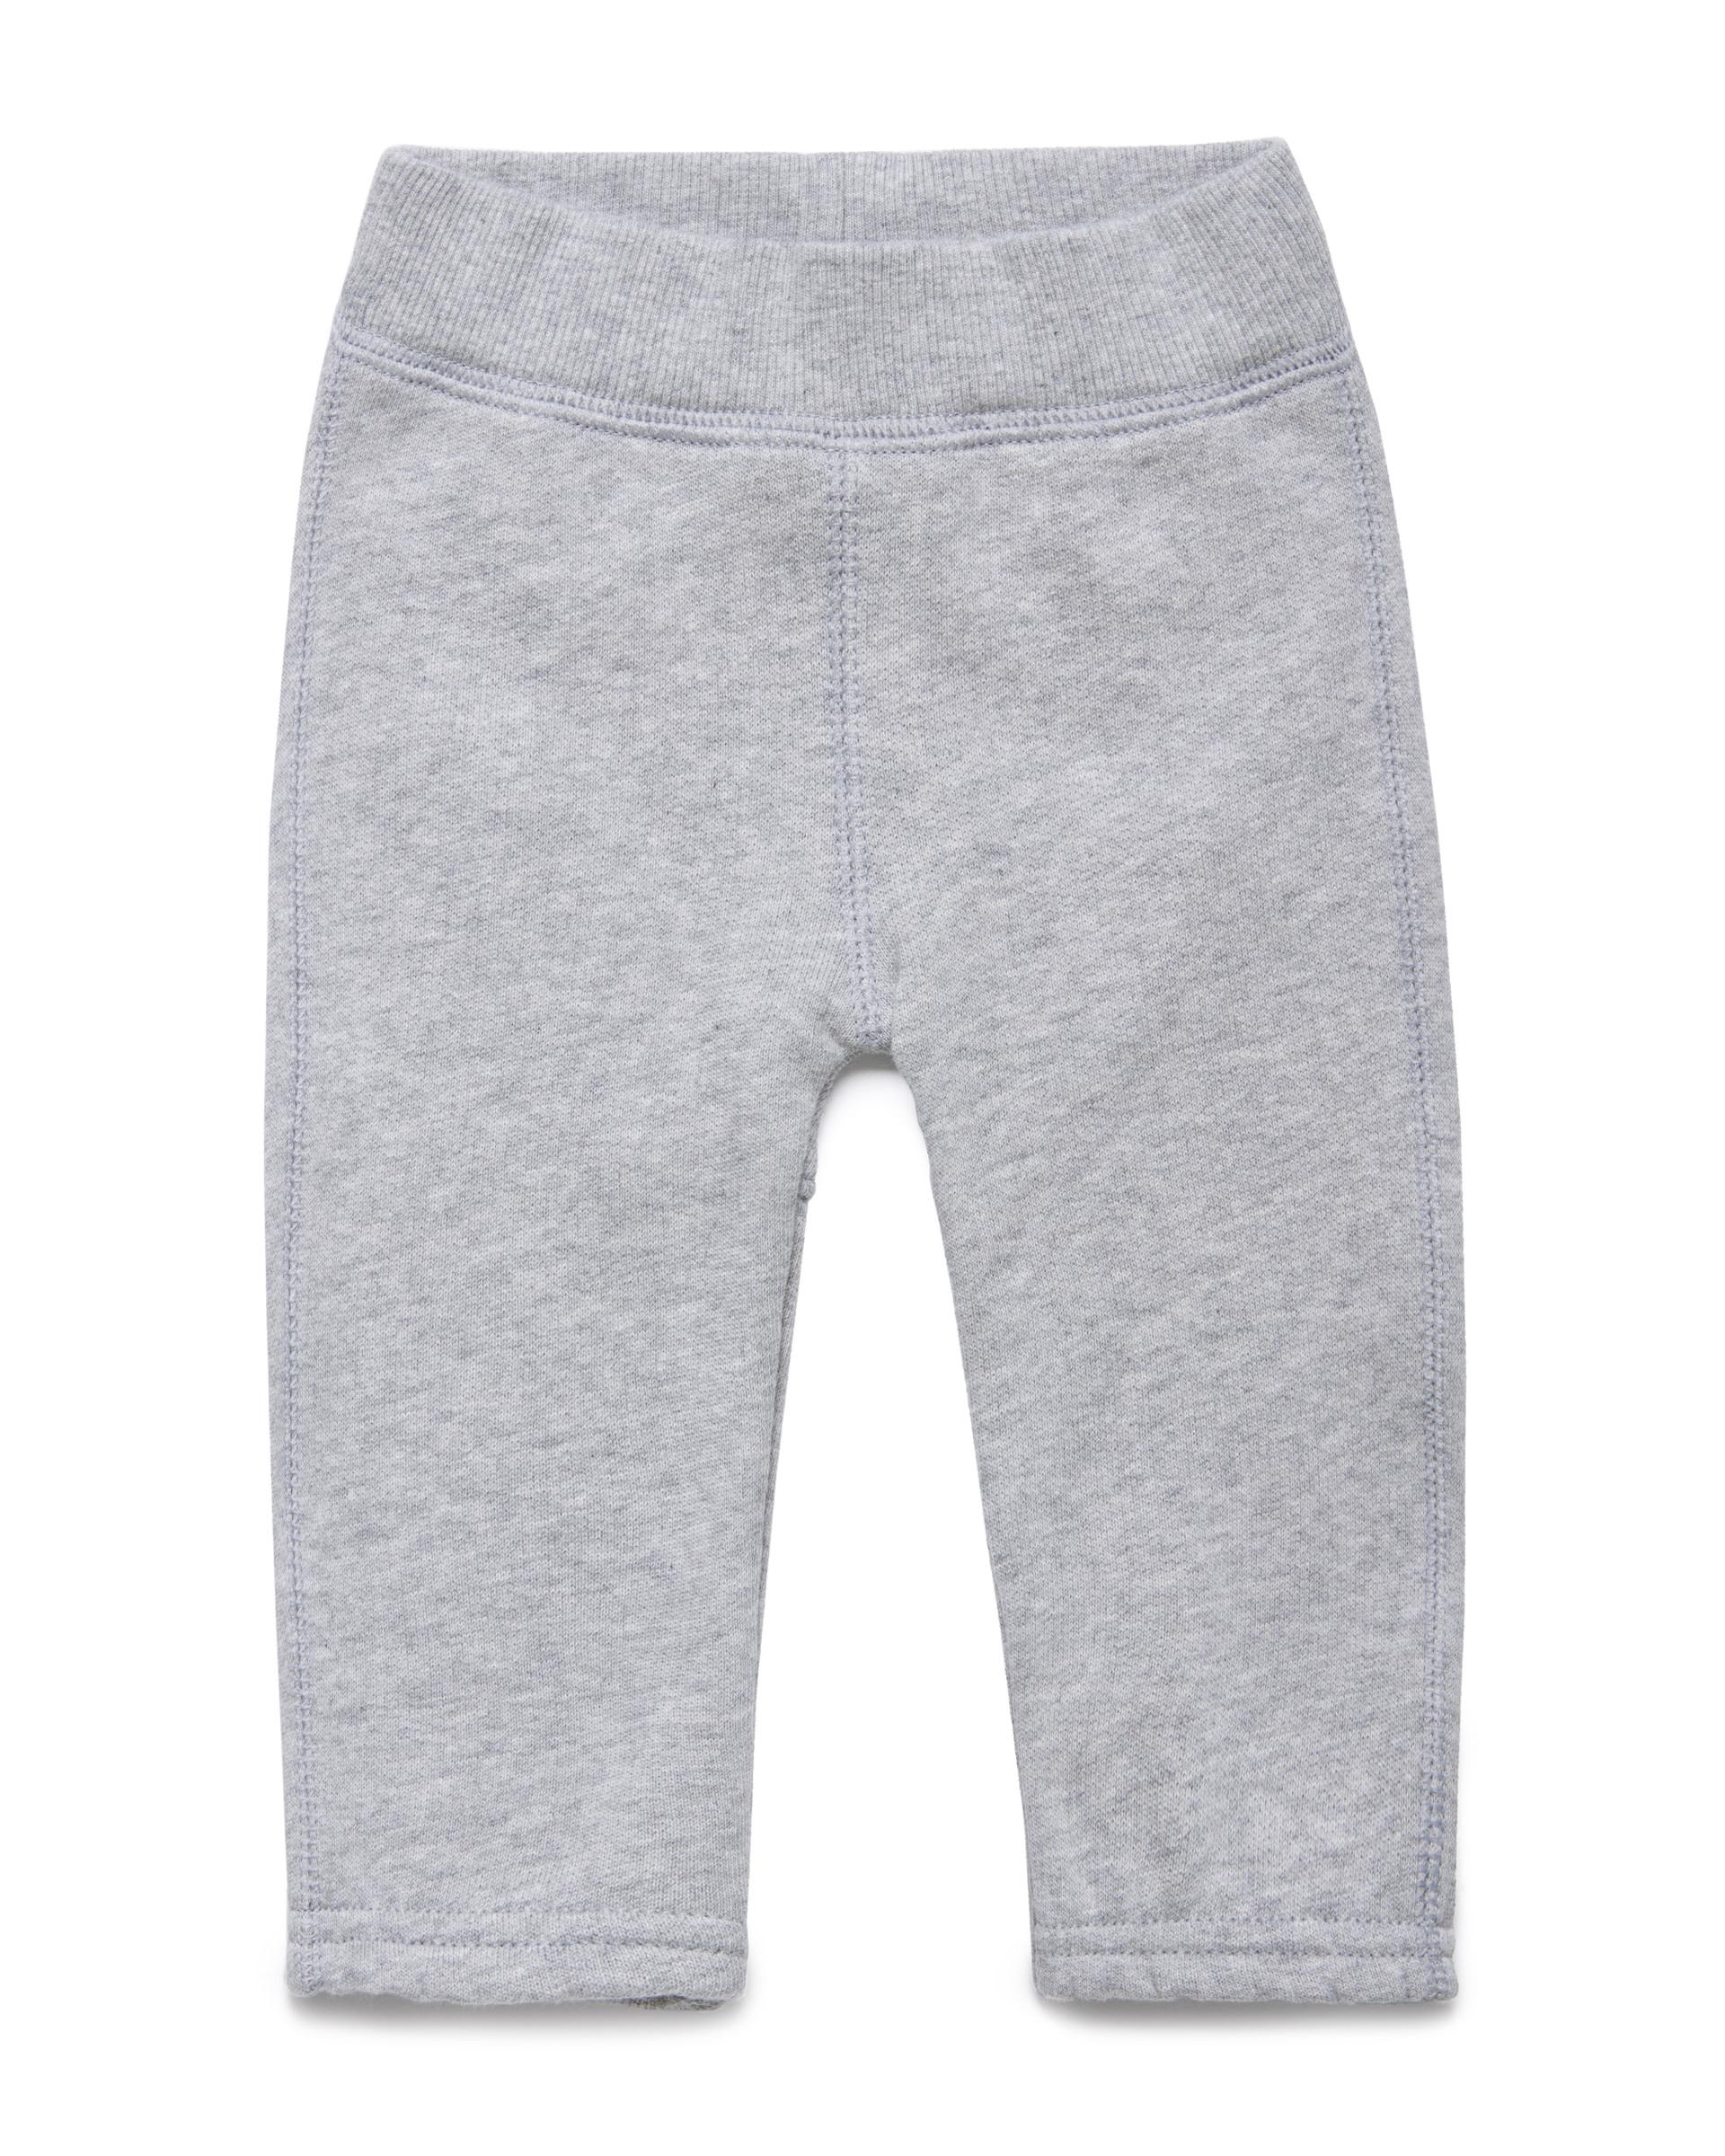 Купить 20P_3J70MF238_501, Спортивные брюки для девочек Benetton 3J70MF238_501 р-р 68, United Colors of Benetton, Детские брюки и шорты